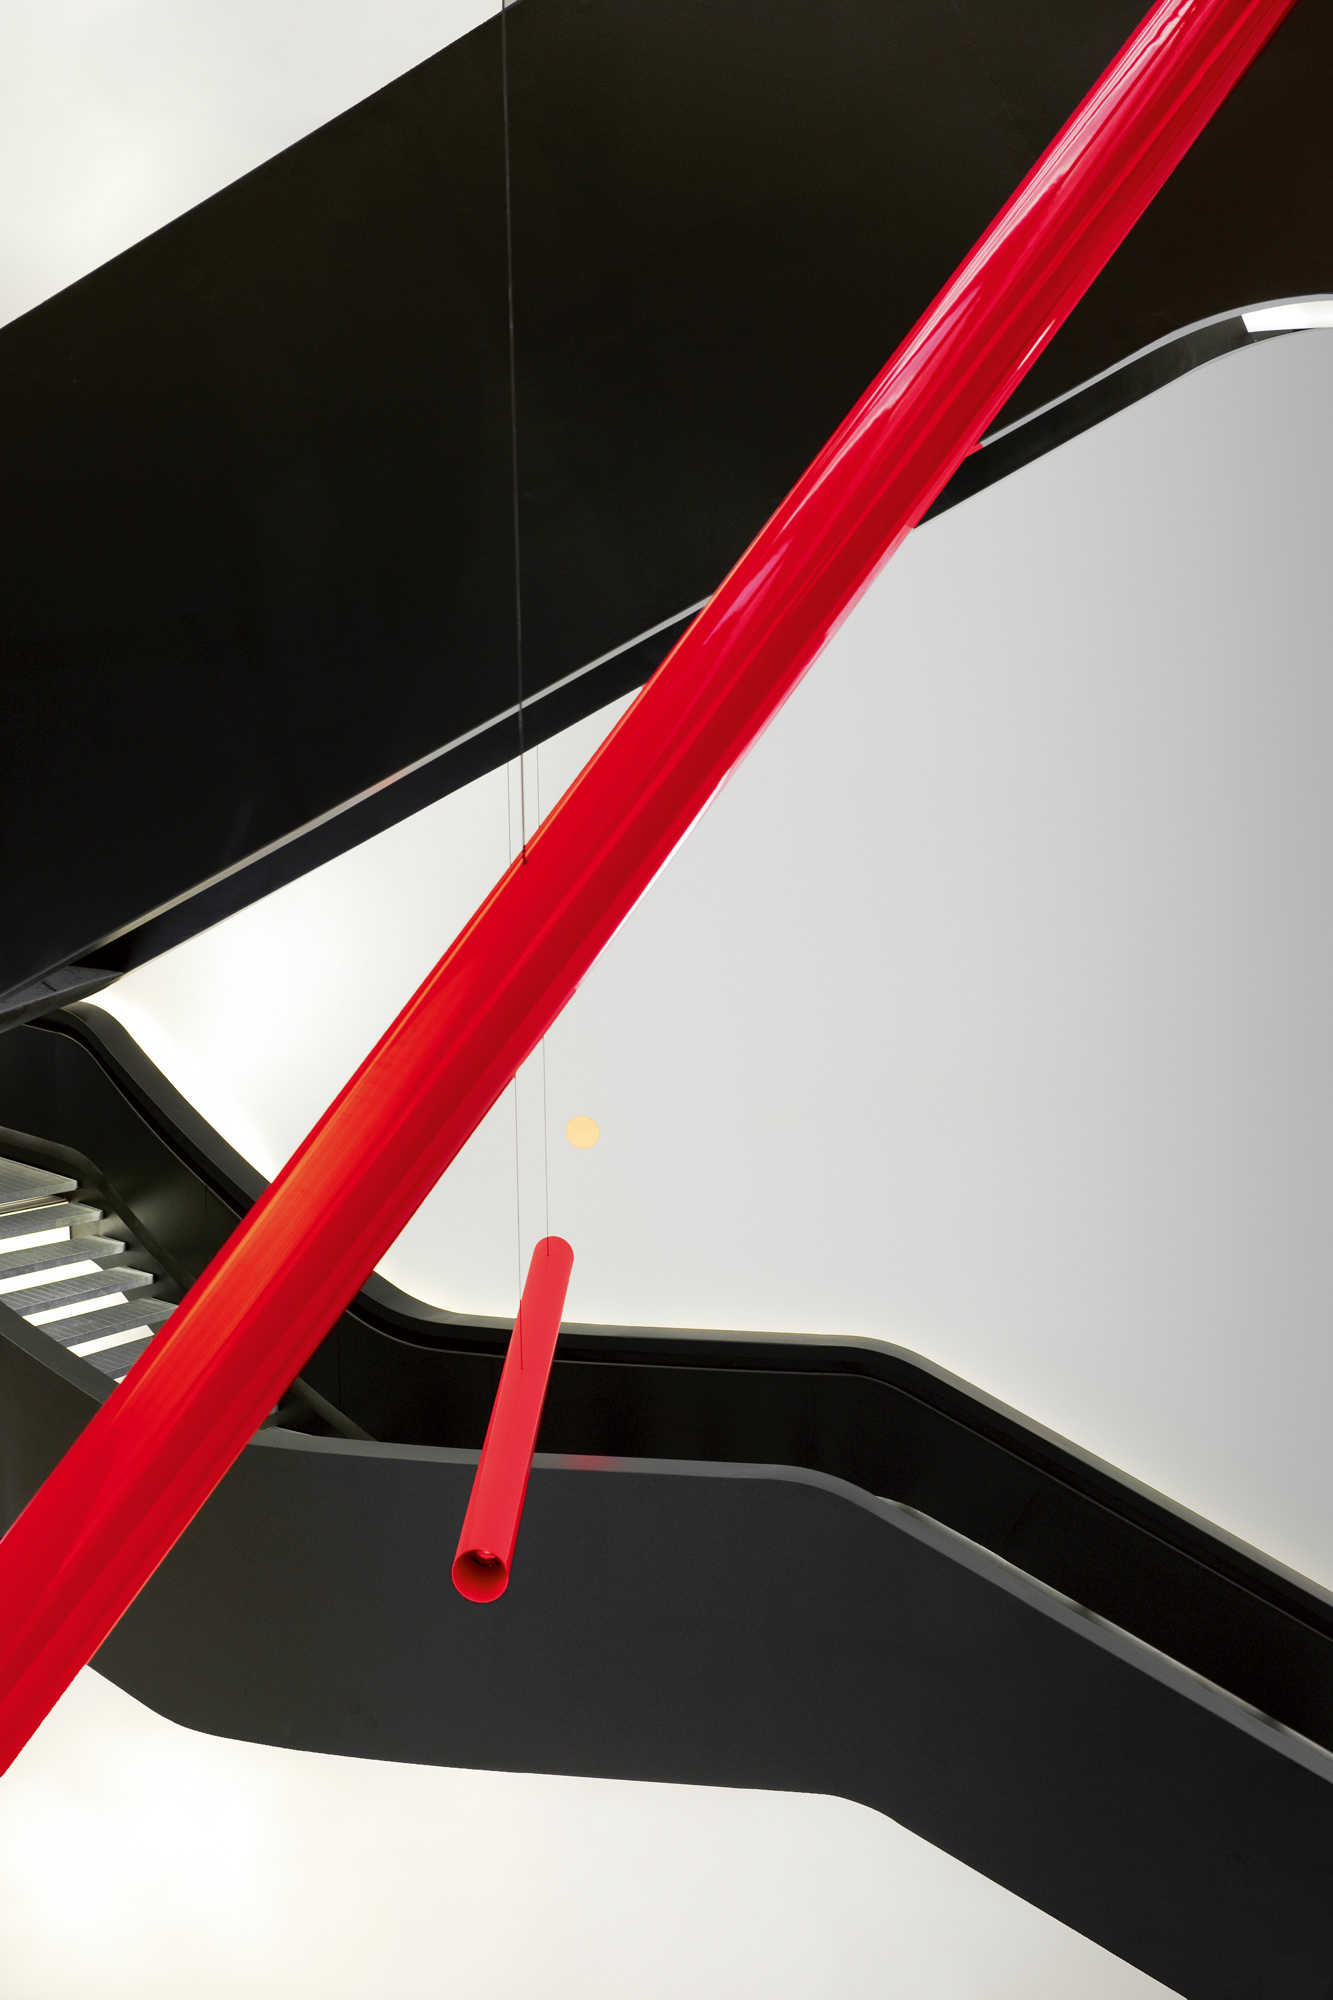 Le MAXXI, à Rome, a été pensé comme une seconde peau pour le site sur lequel il est érigé, en harmonie avec sa vocation de laboratoire d'innovation culturelle. Les tubes rouges ci-dessus sont une installation de l'artiste Maurizio Mochetti, commandée spécifiquement par le musée pour son ouverture (2010), intitulée Straight Lines of Light in Curvilinear Hyperspace.